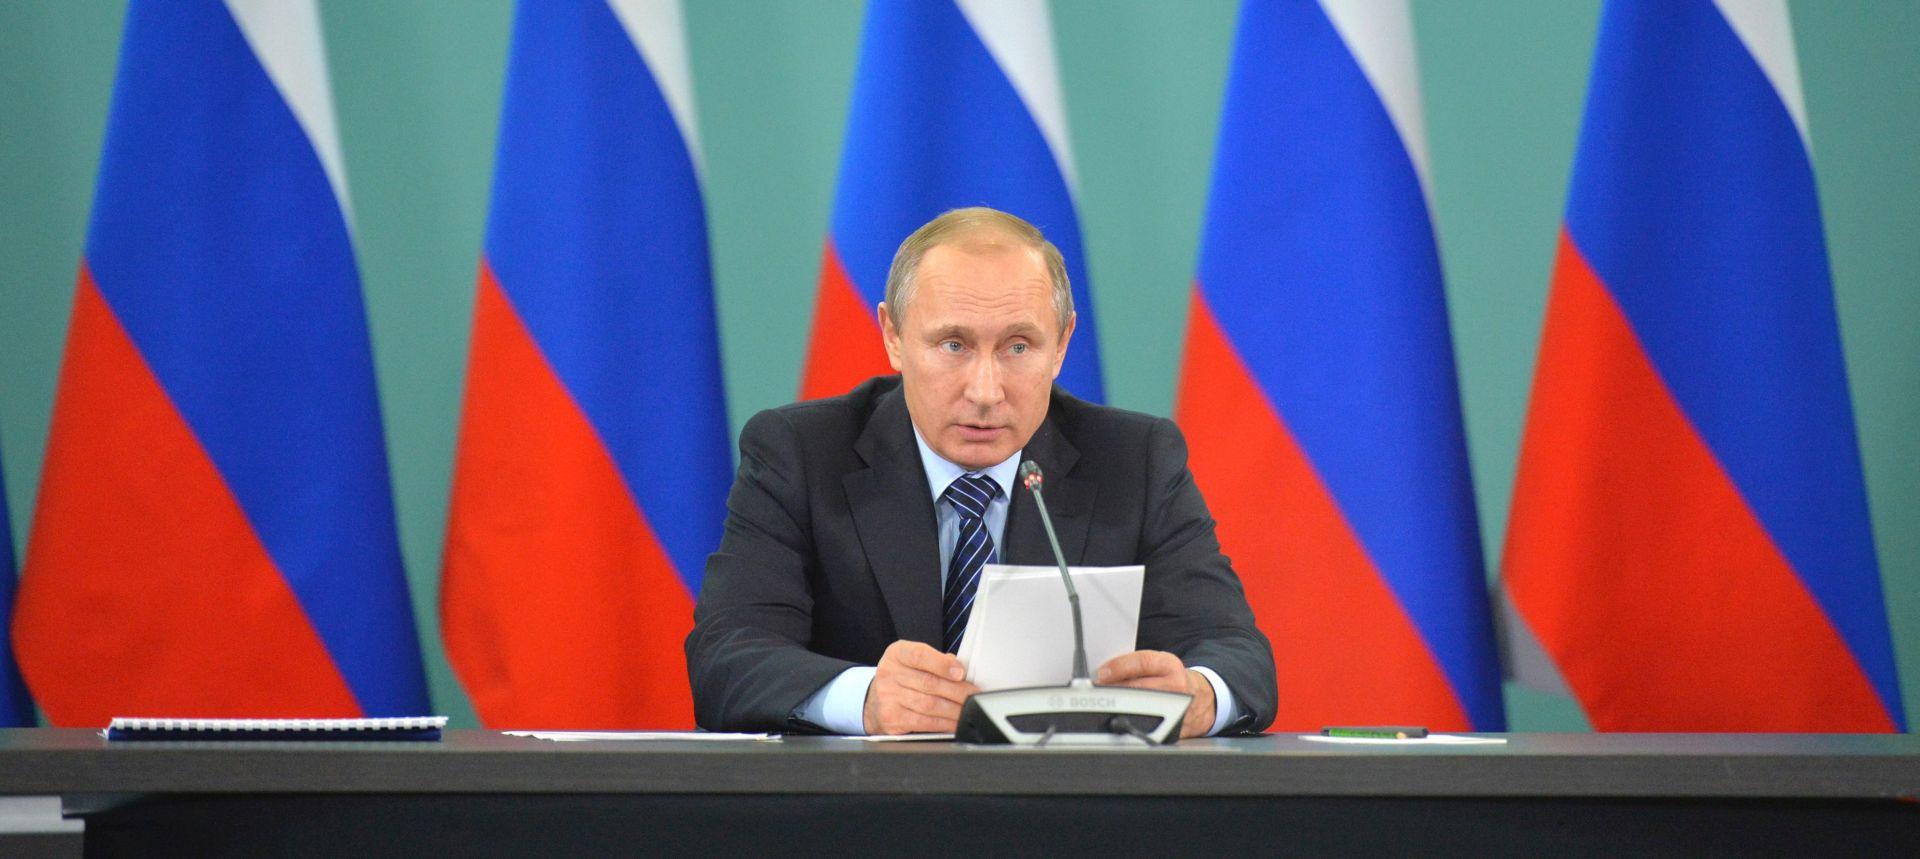 ZAJEDNO JAČI: Putin pozvao London na zajedničku borbu protiv terorizma